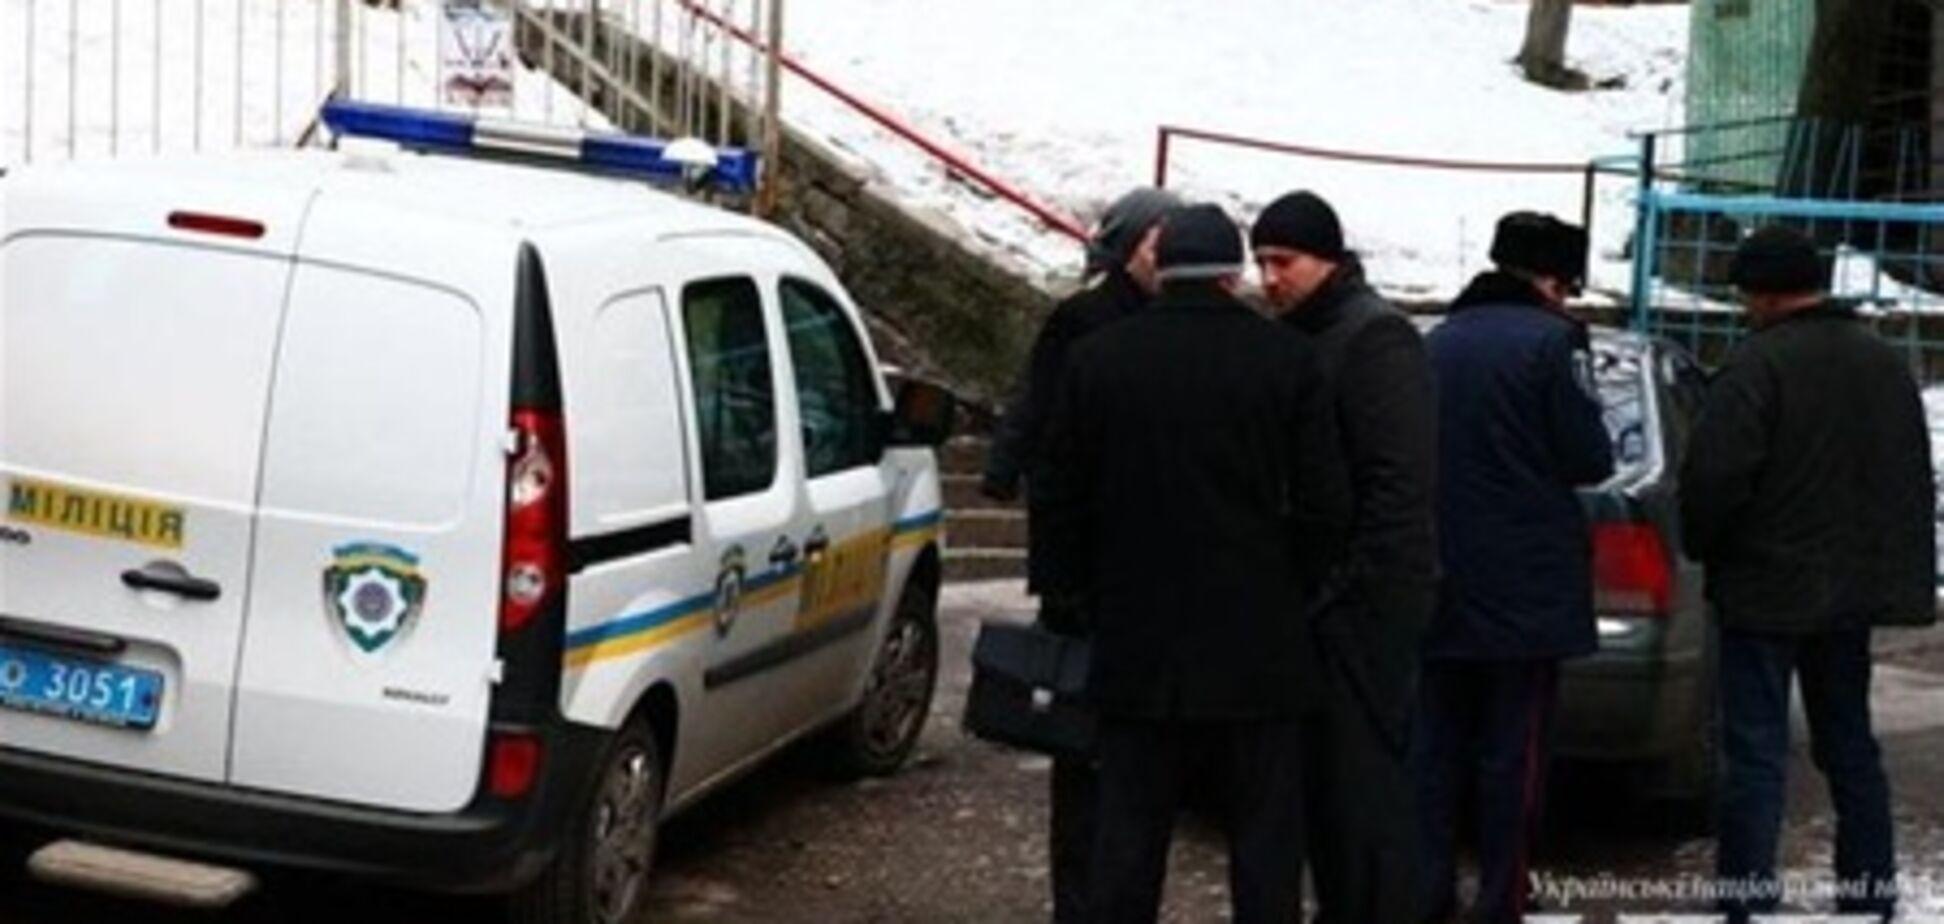 Взрыв на 'Кловской': подробности происшествия